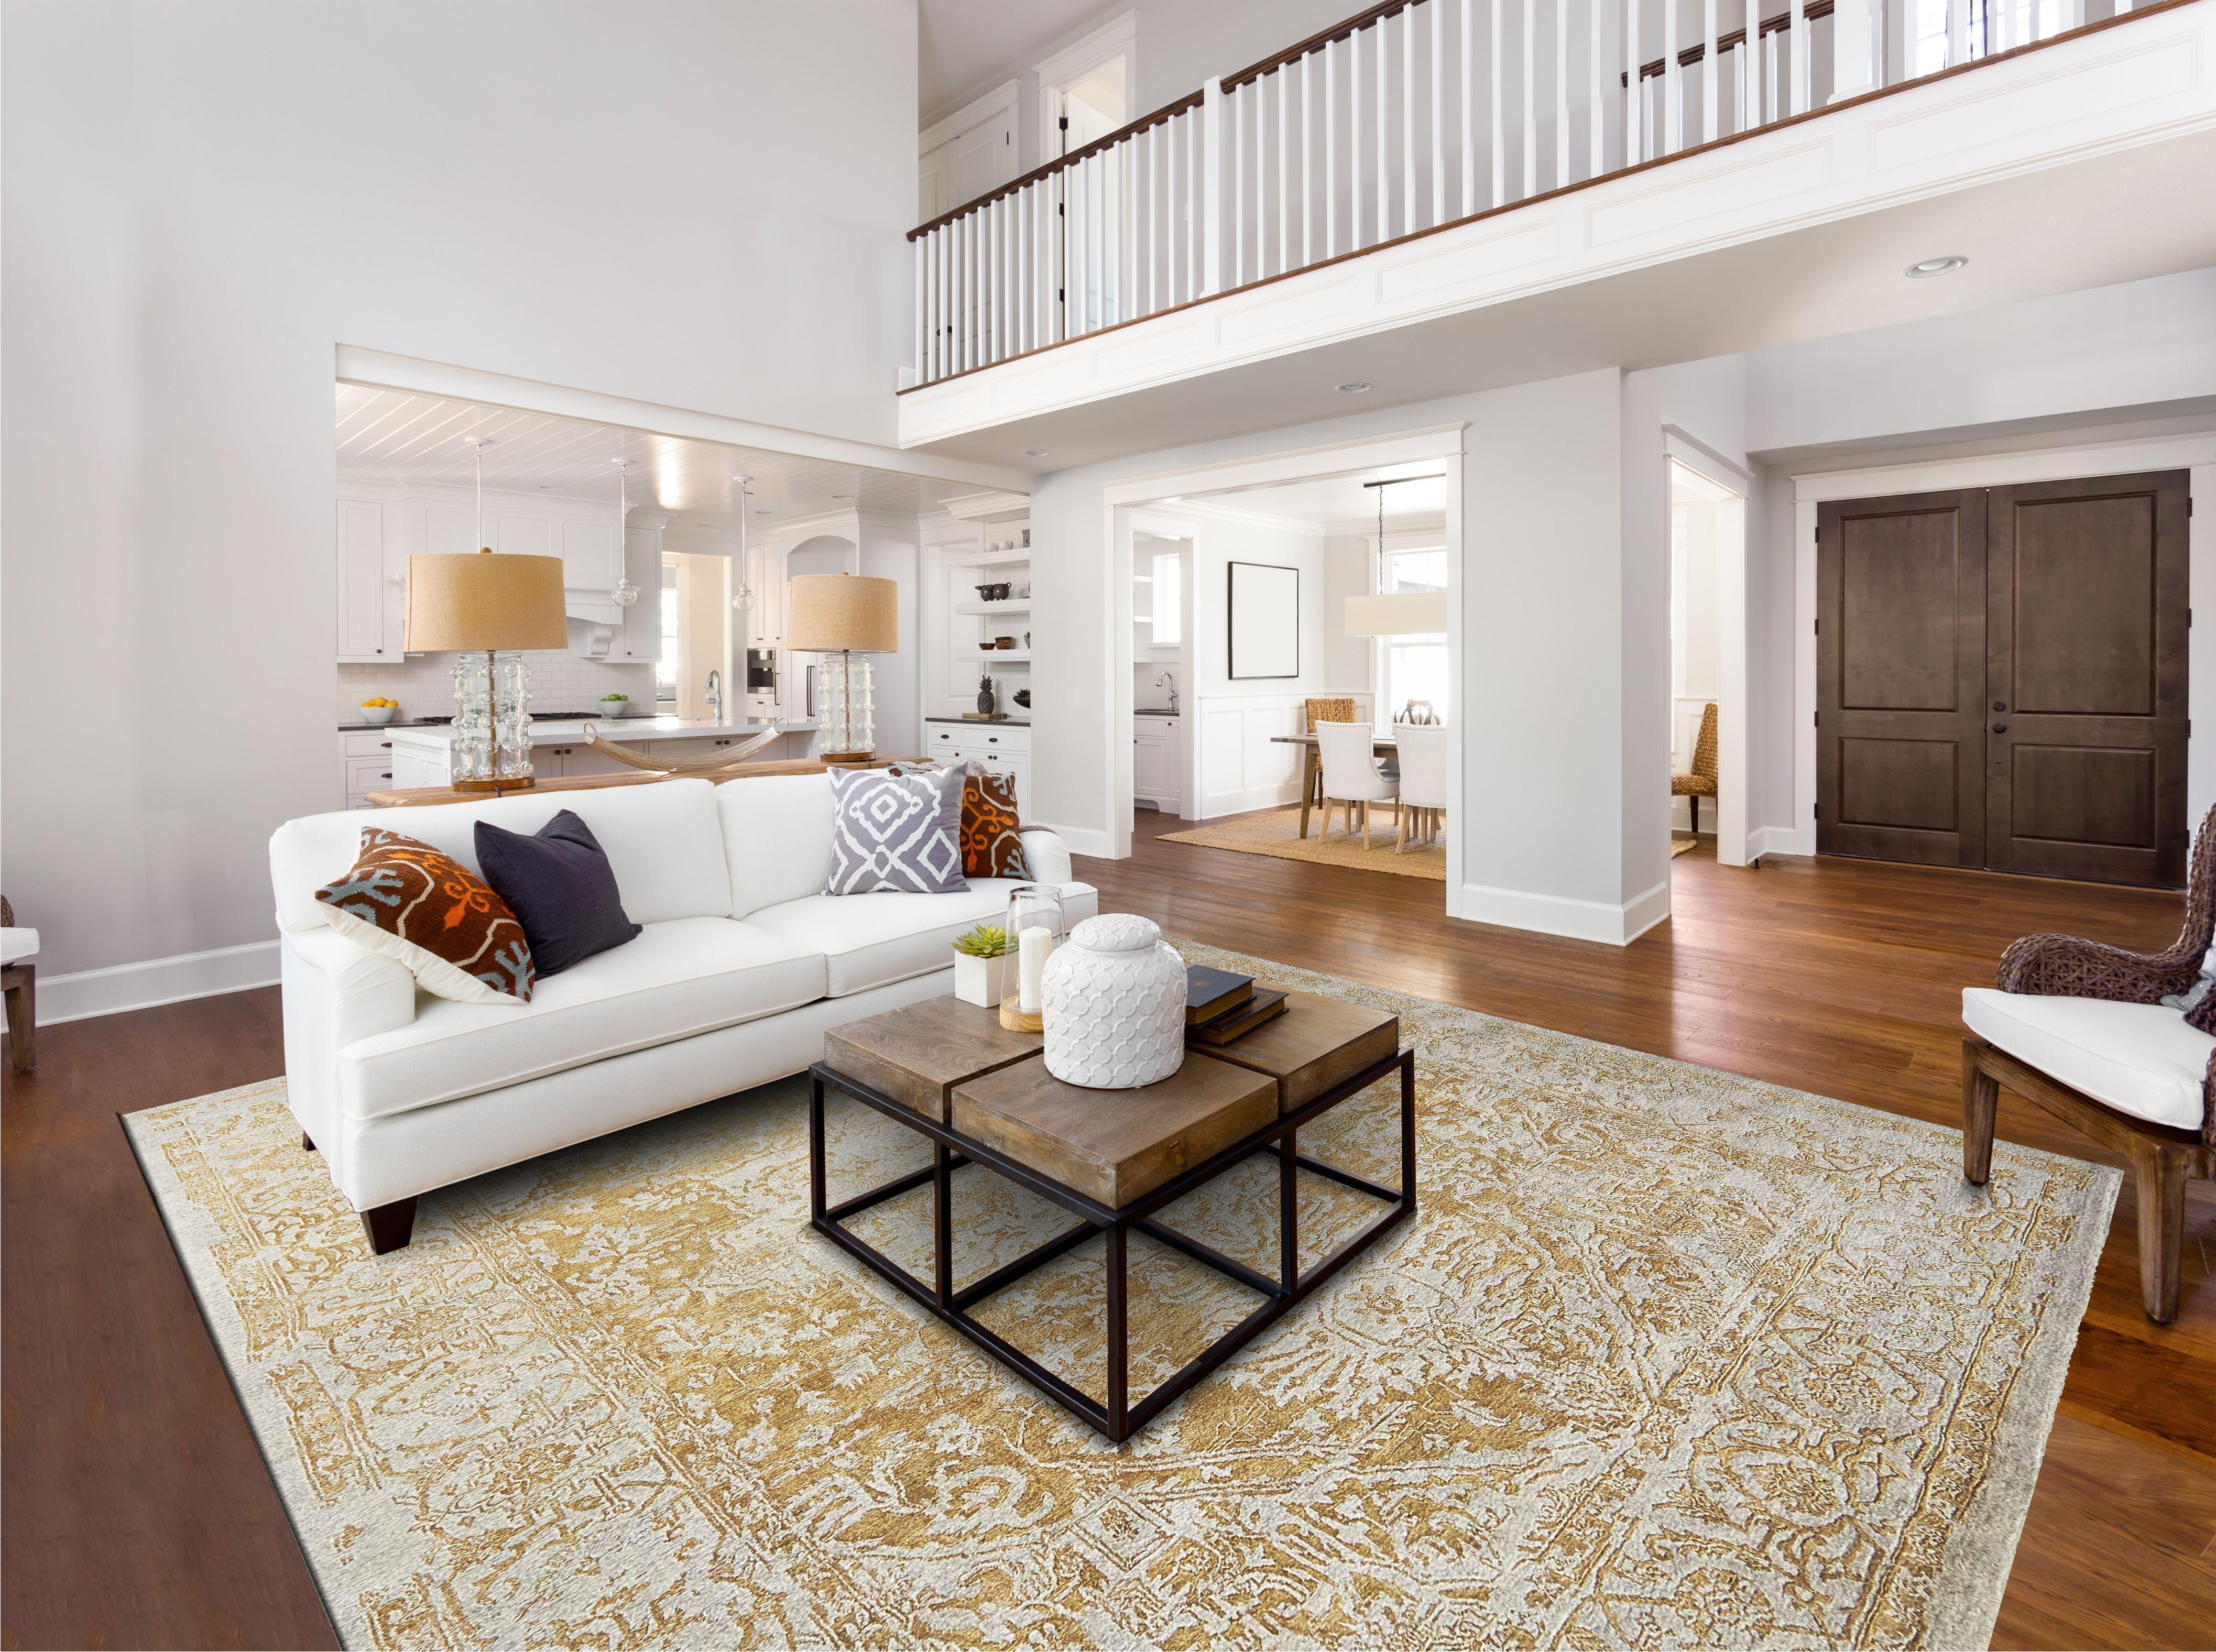 Moderne Wohnideen Mit Perserteppichen Das Haus Perserteppich Wohnen Wohnung Wohnzimmer